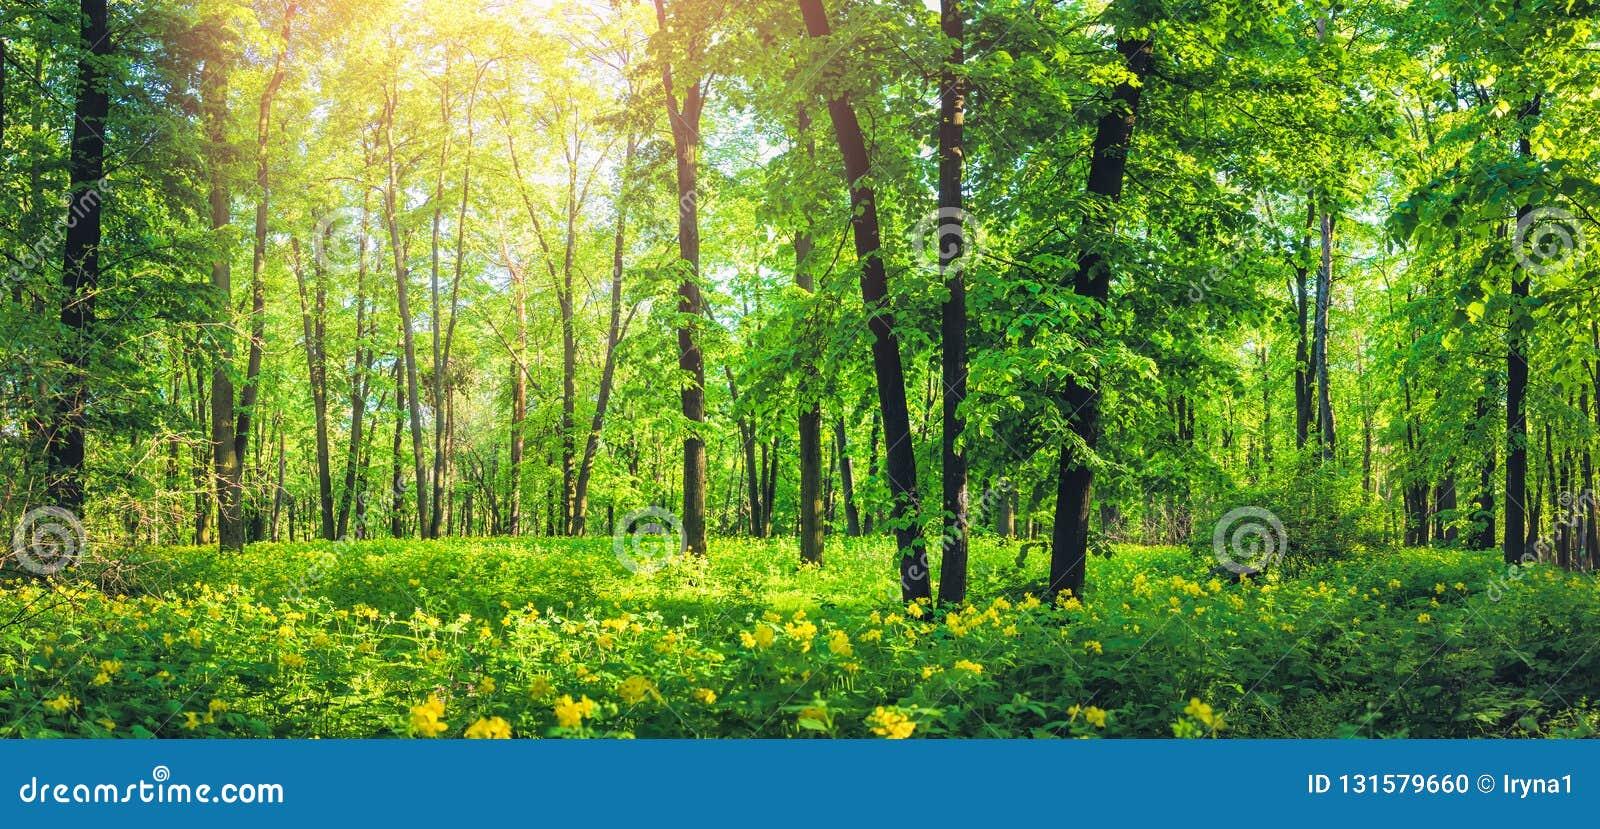 Panorama van mooi groen bos in de zomer Aardlandschap met gele wilde bloemen